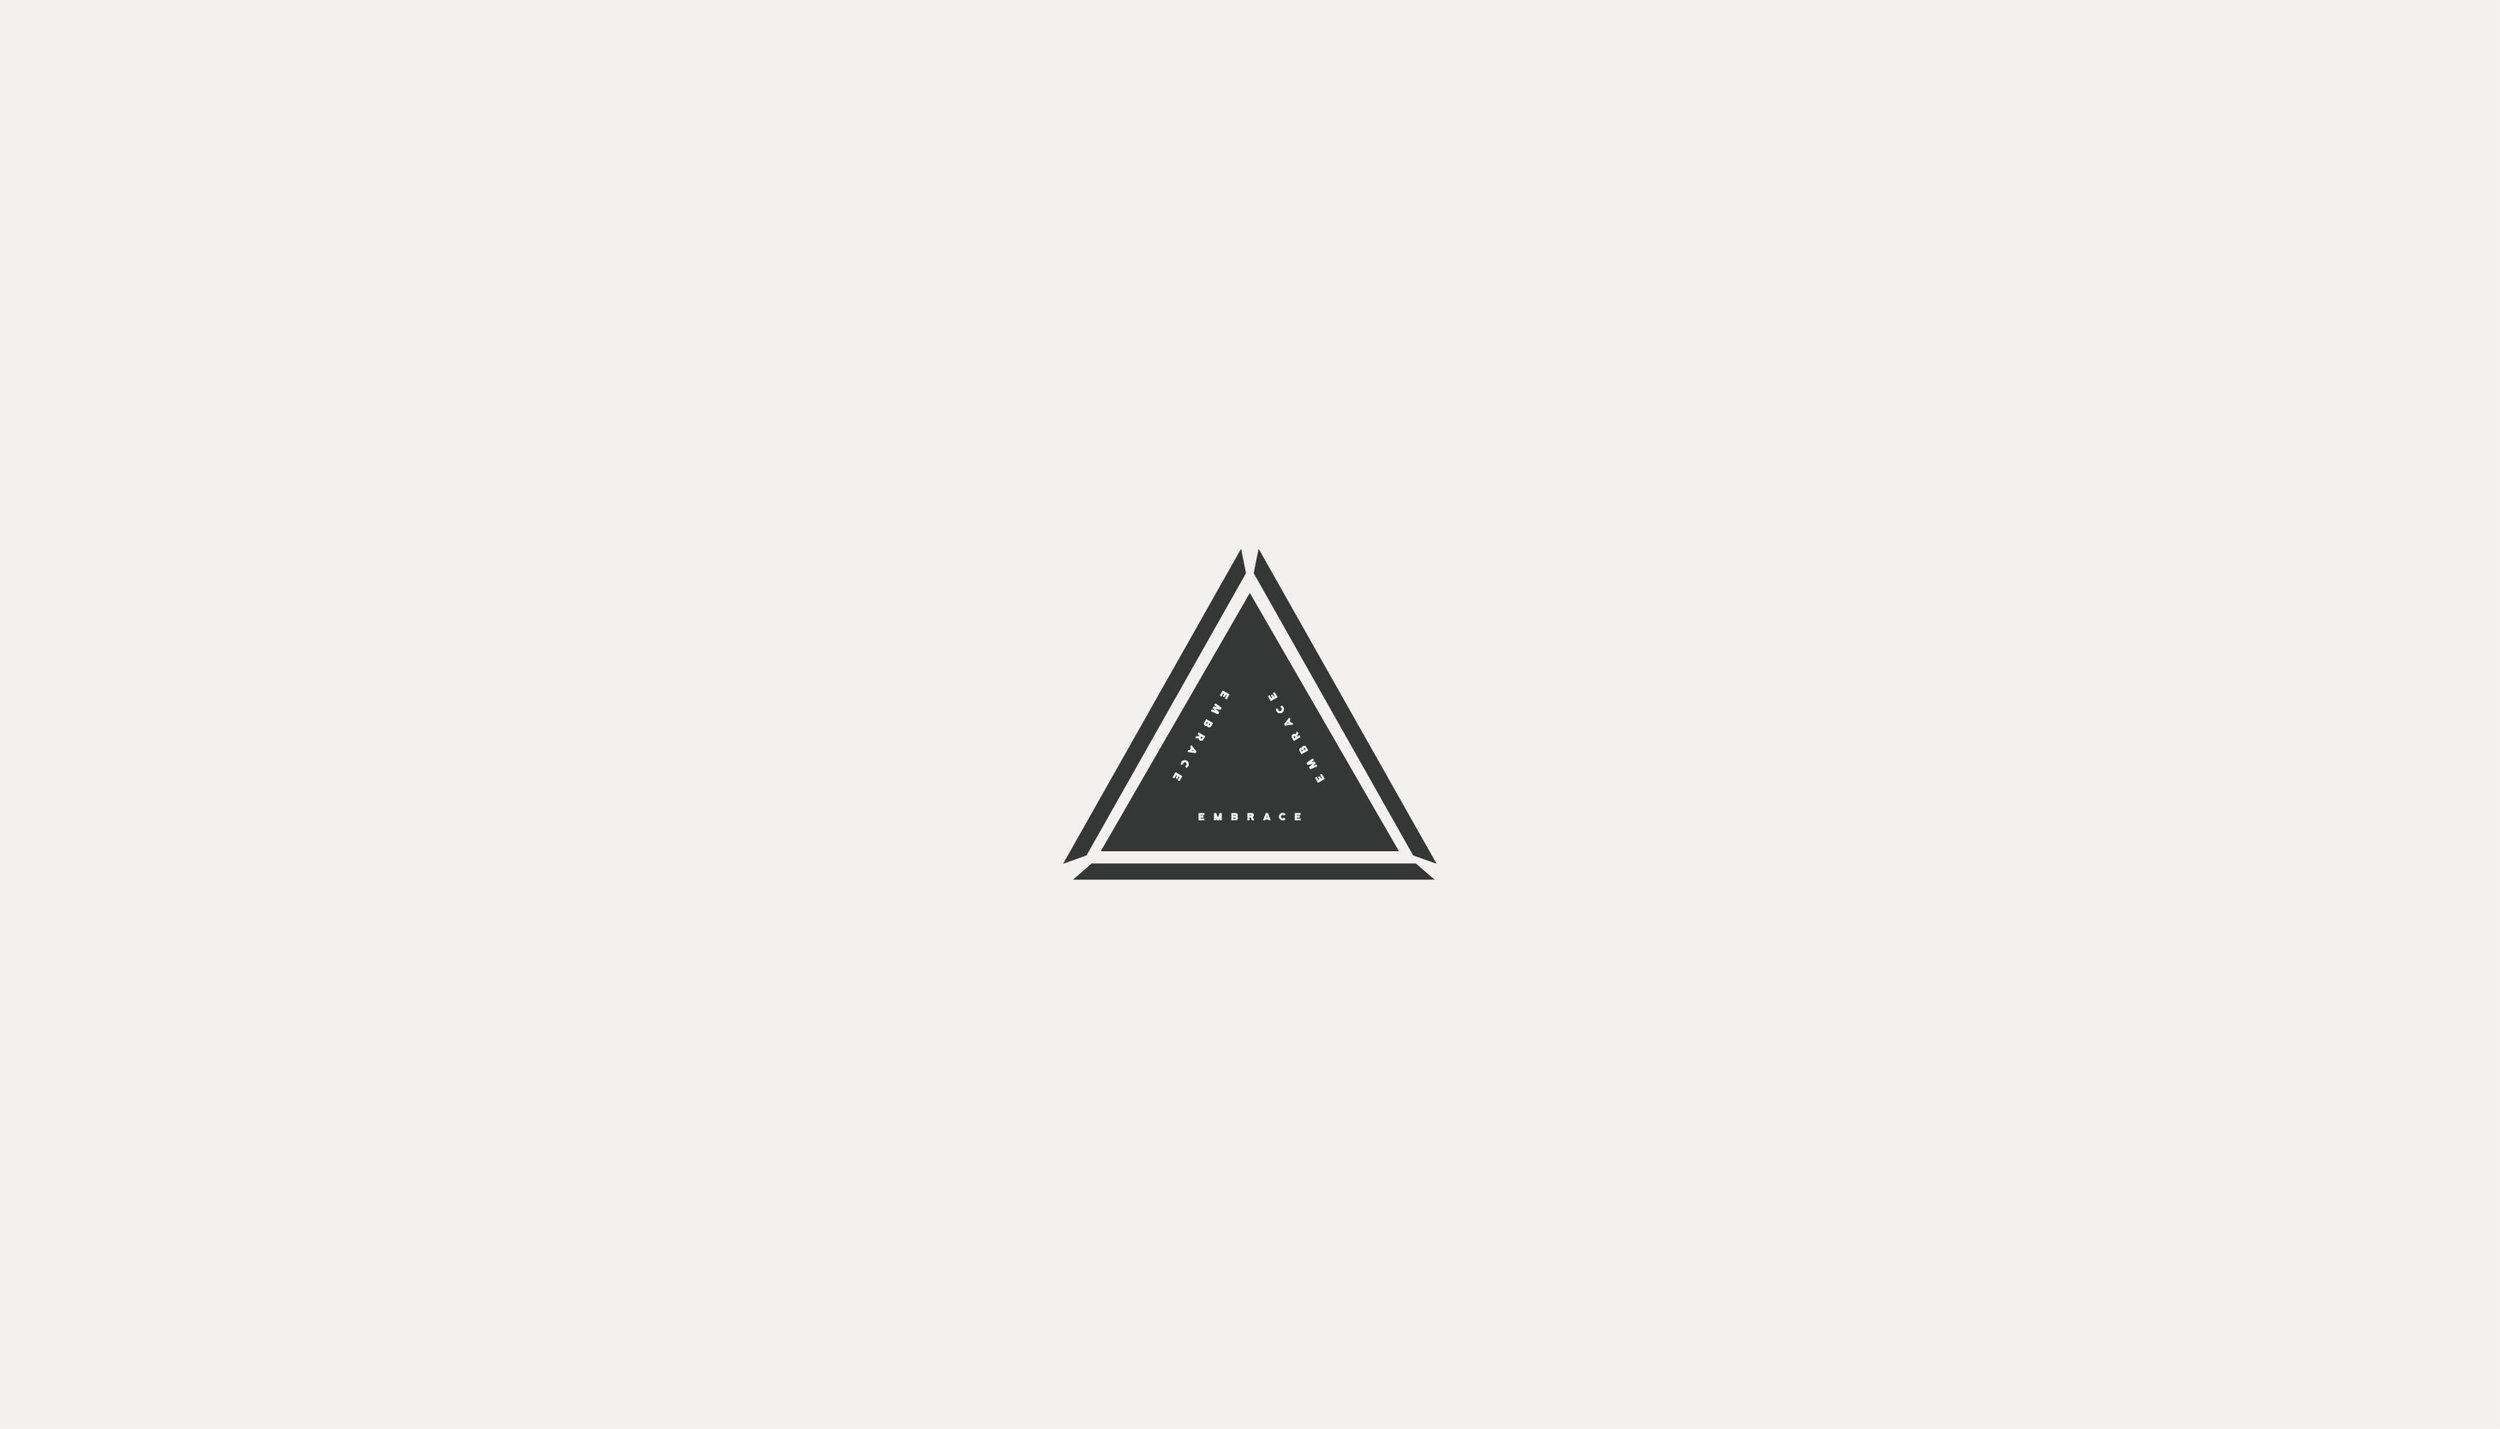 LOGO_2018_ALL22.jpg